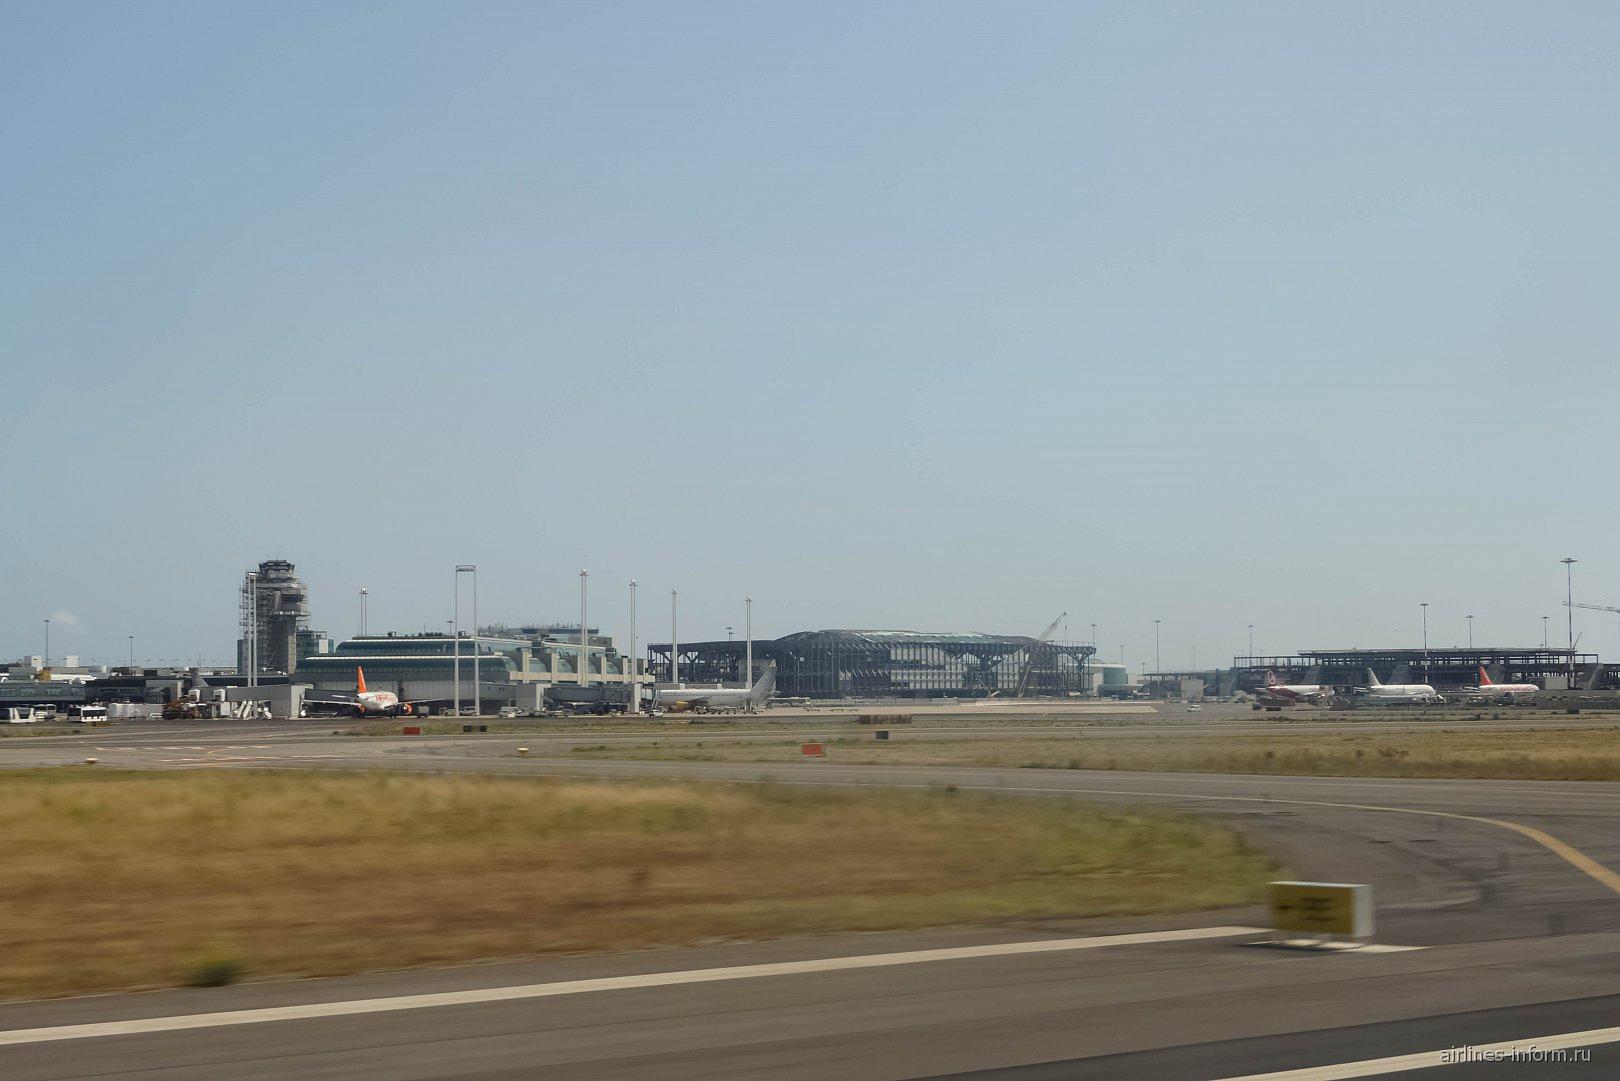 Терминал 3 и строящийся сектор D аэропорта Рим Фьюмичино